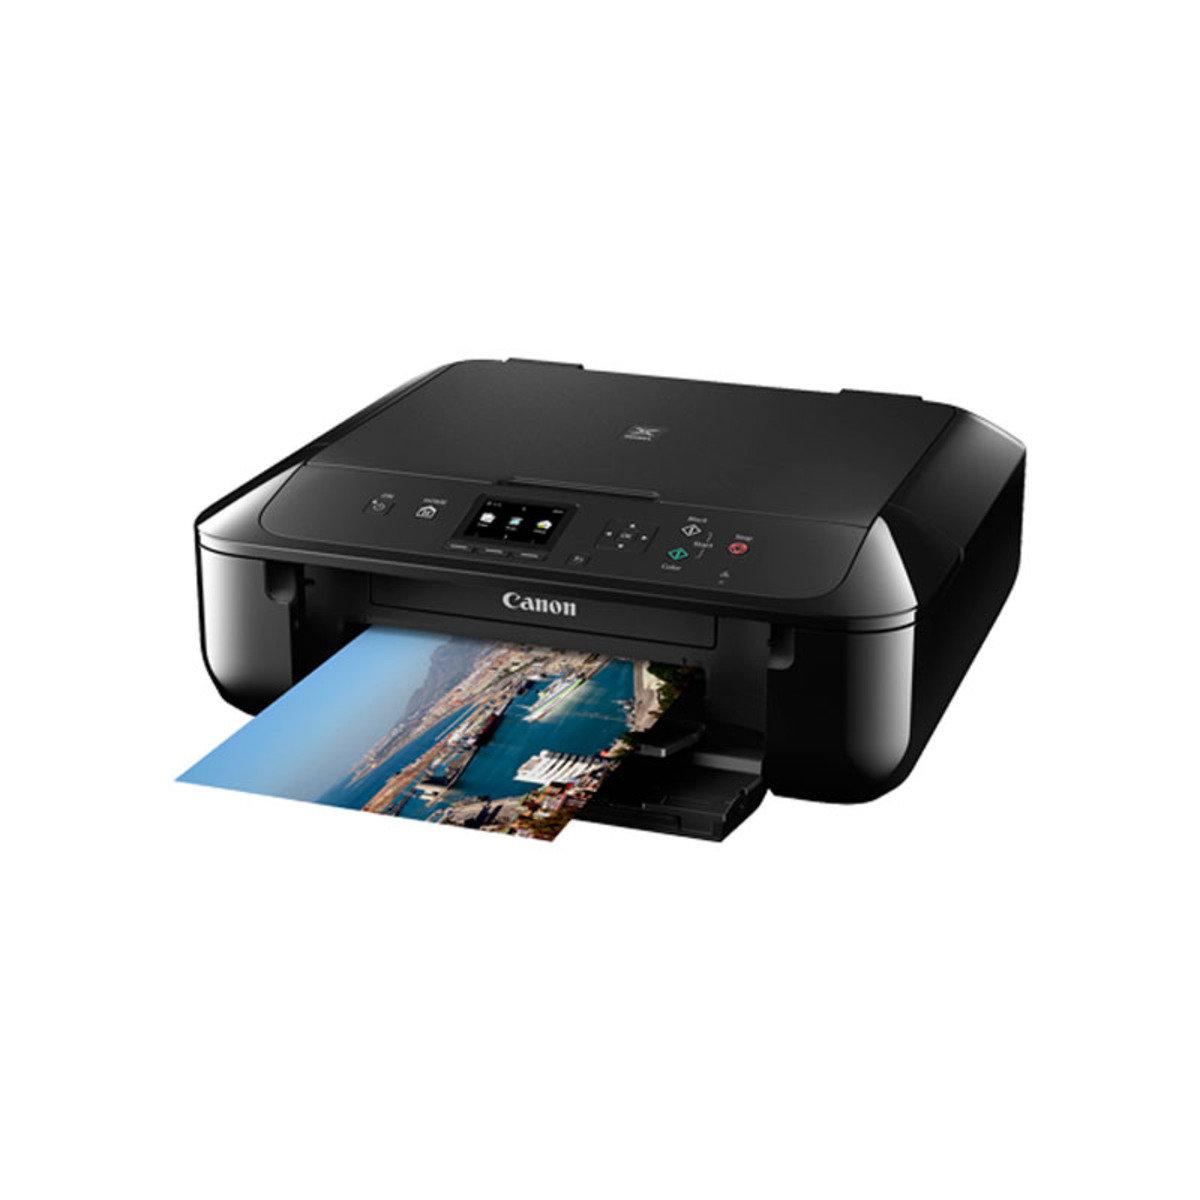 彩色打印 掃瞄 影印 多合一噴墨相片打印機 MG5770 黑色